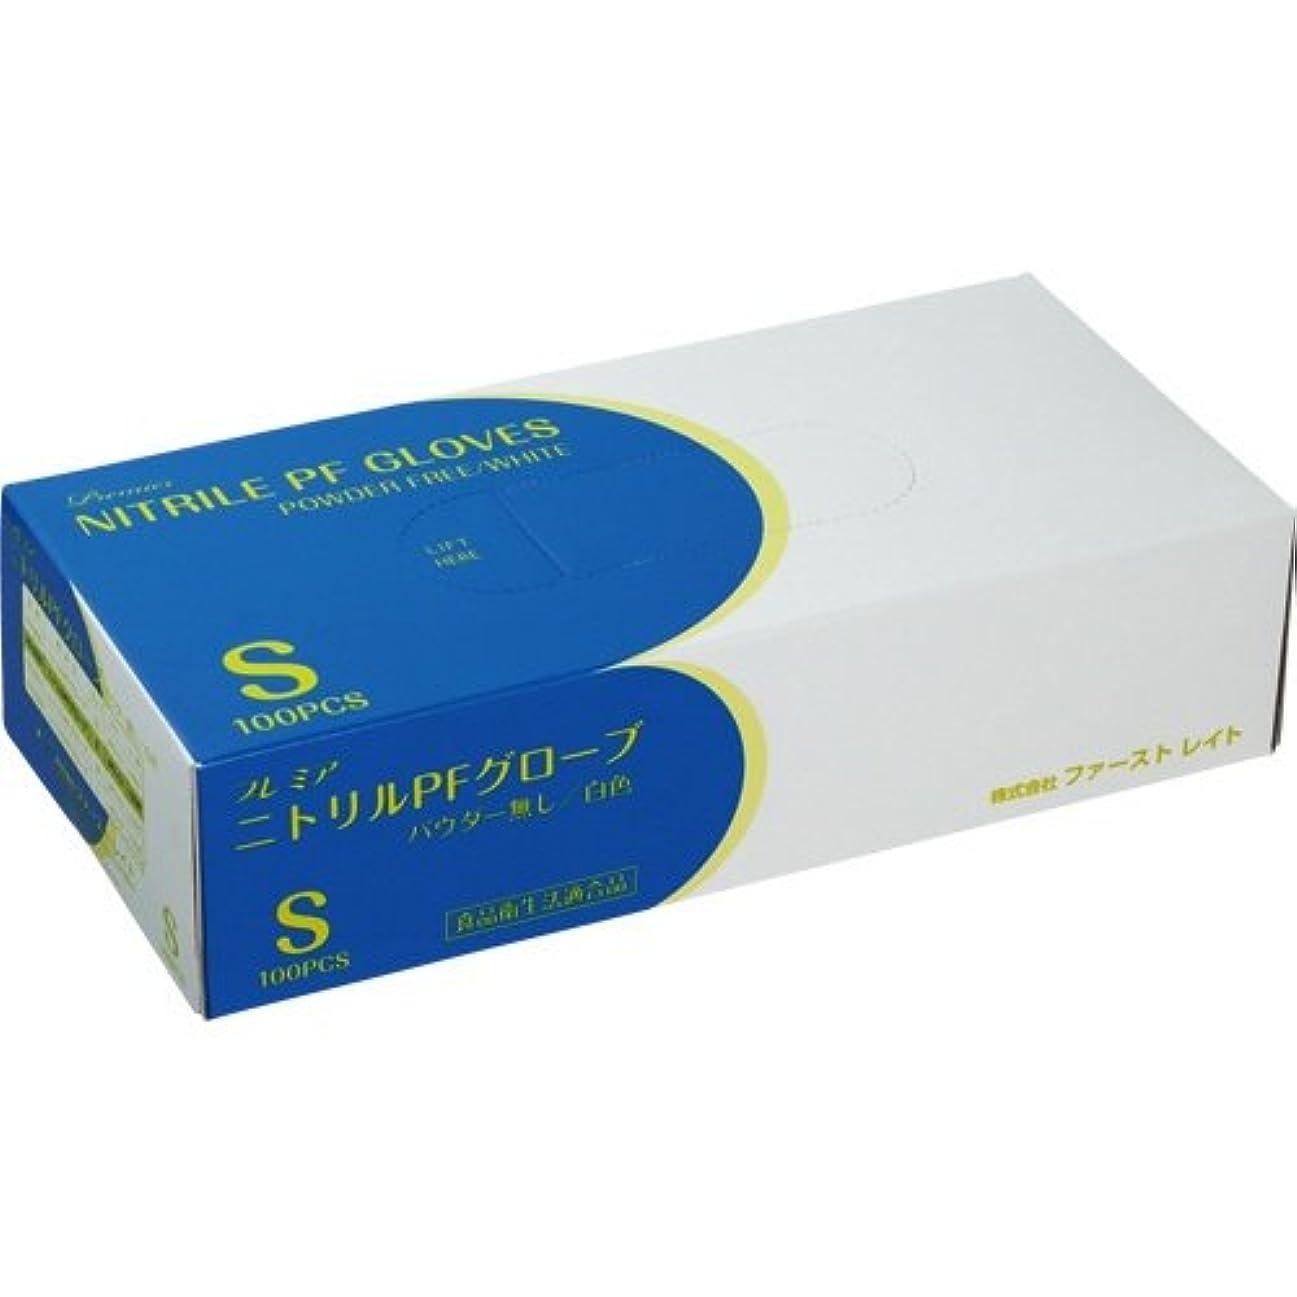 ダイジェストシティ呪いファーストレイト プレミアニトリルPFグローブ パウダーフリー ホワイト S FR-856 1セット(1000枚:100枚×10箱)